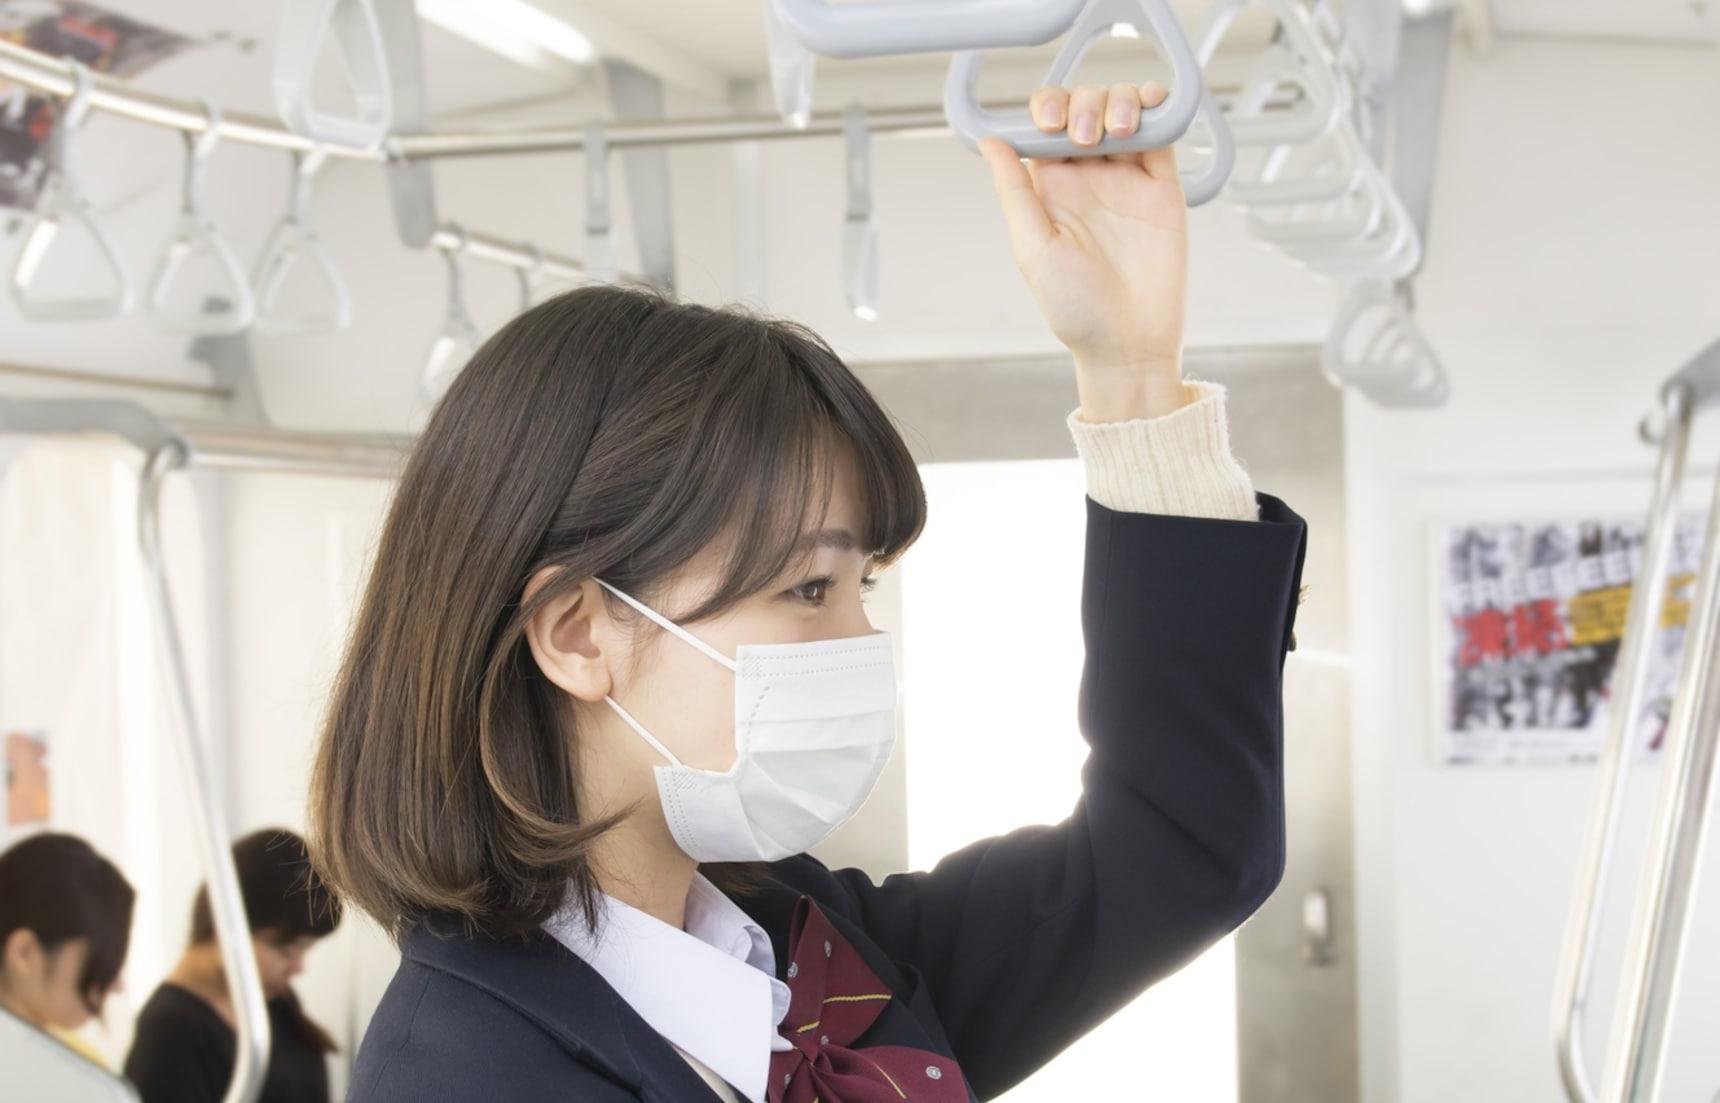 ทำไมคนญี่ปุ่นถึงนิยมใส่หน้ากากอนามัย?